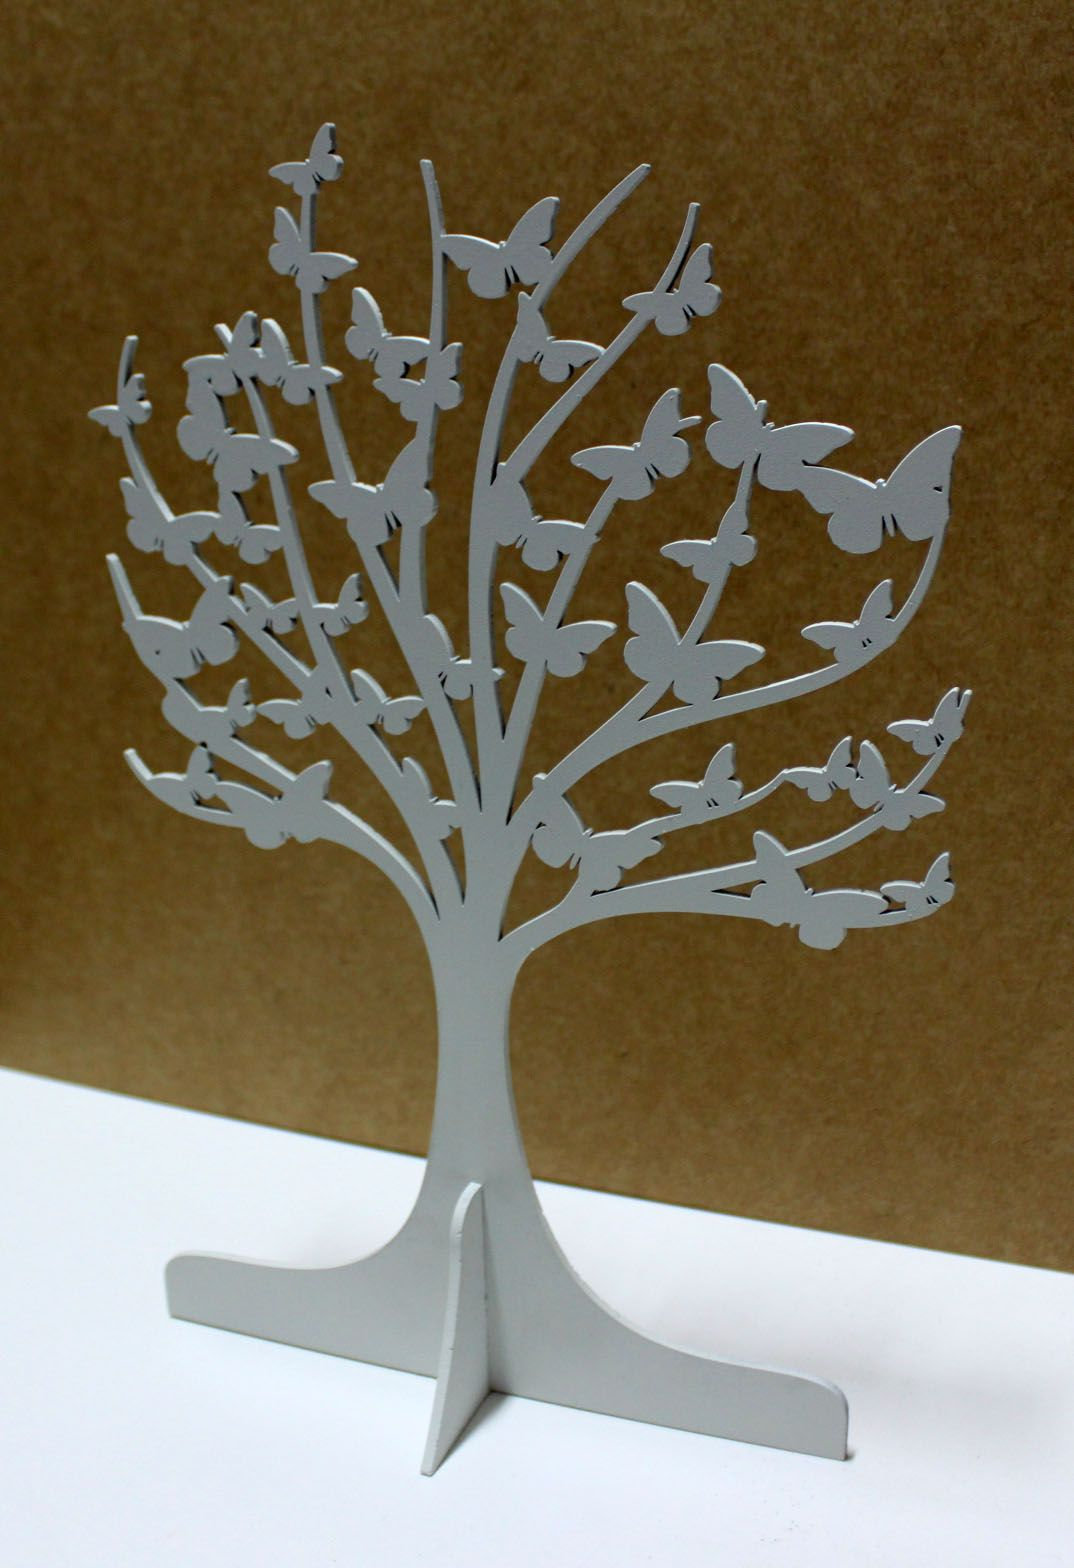 Árvore borboleta em MDF pintura em branco fosco.